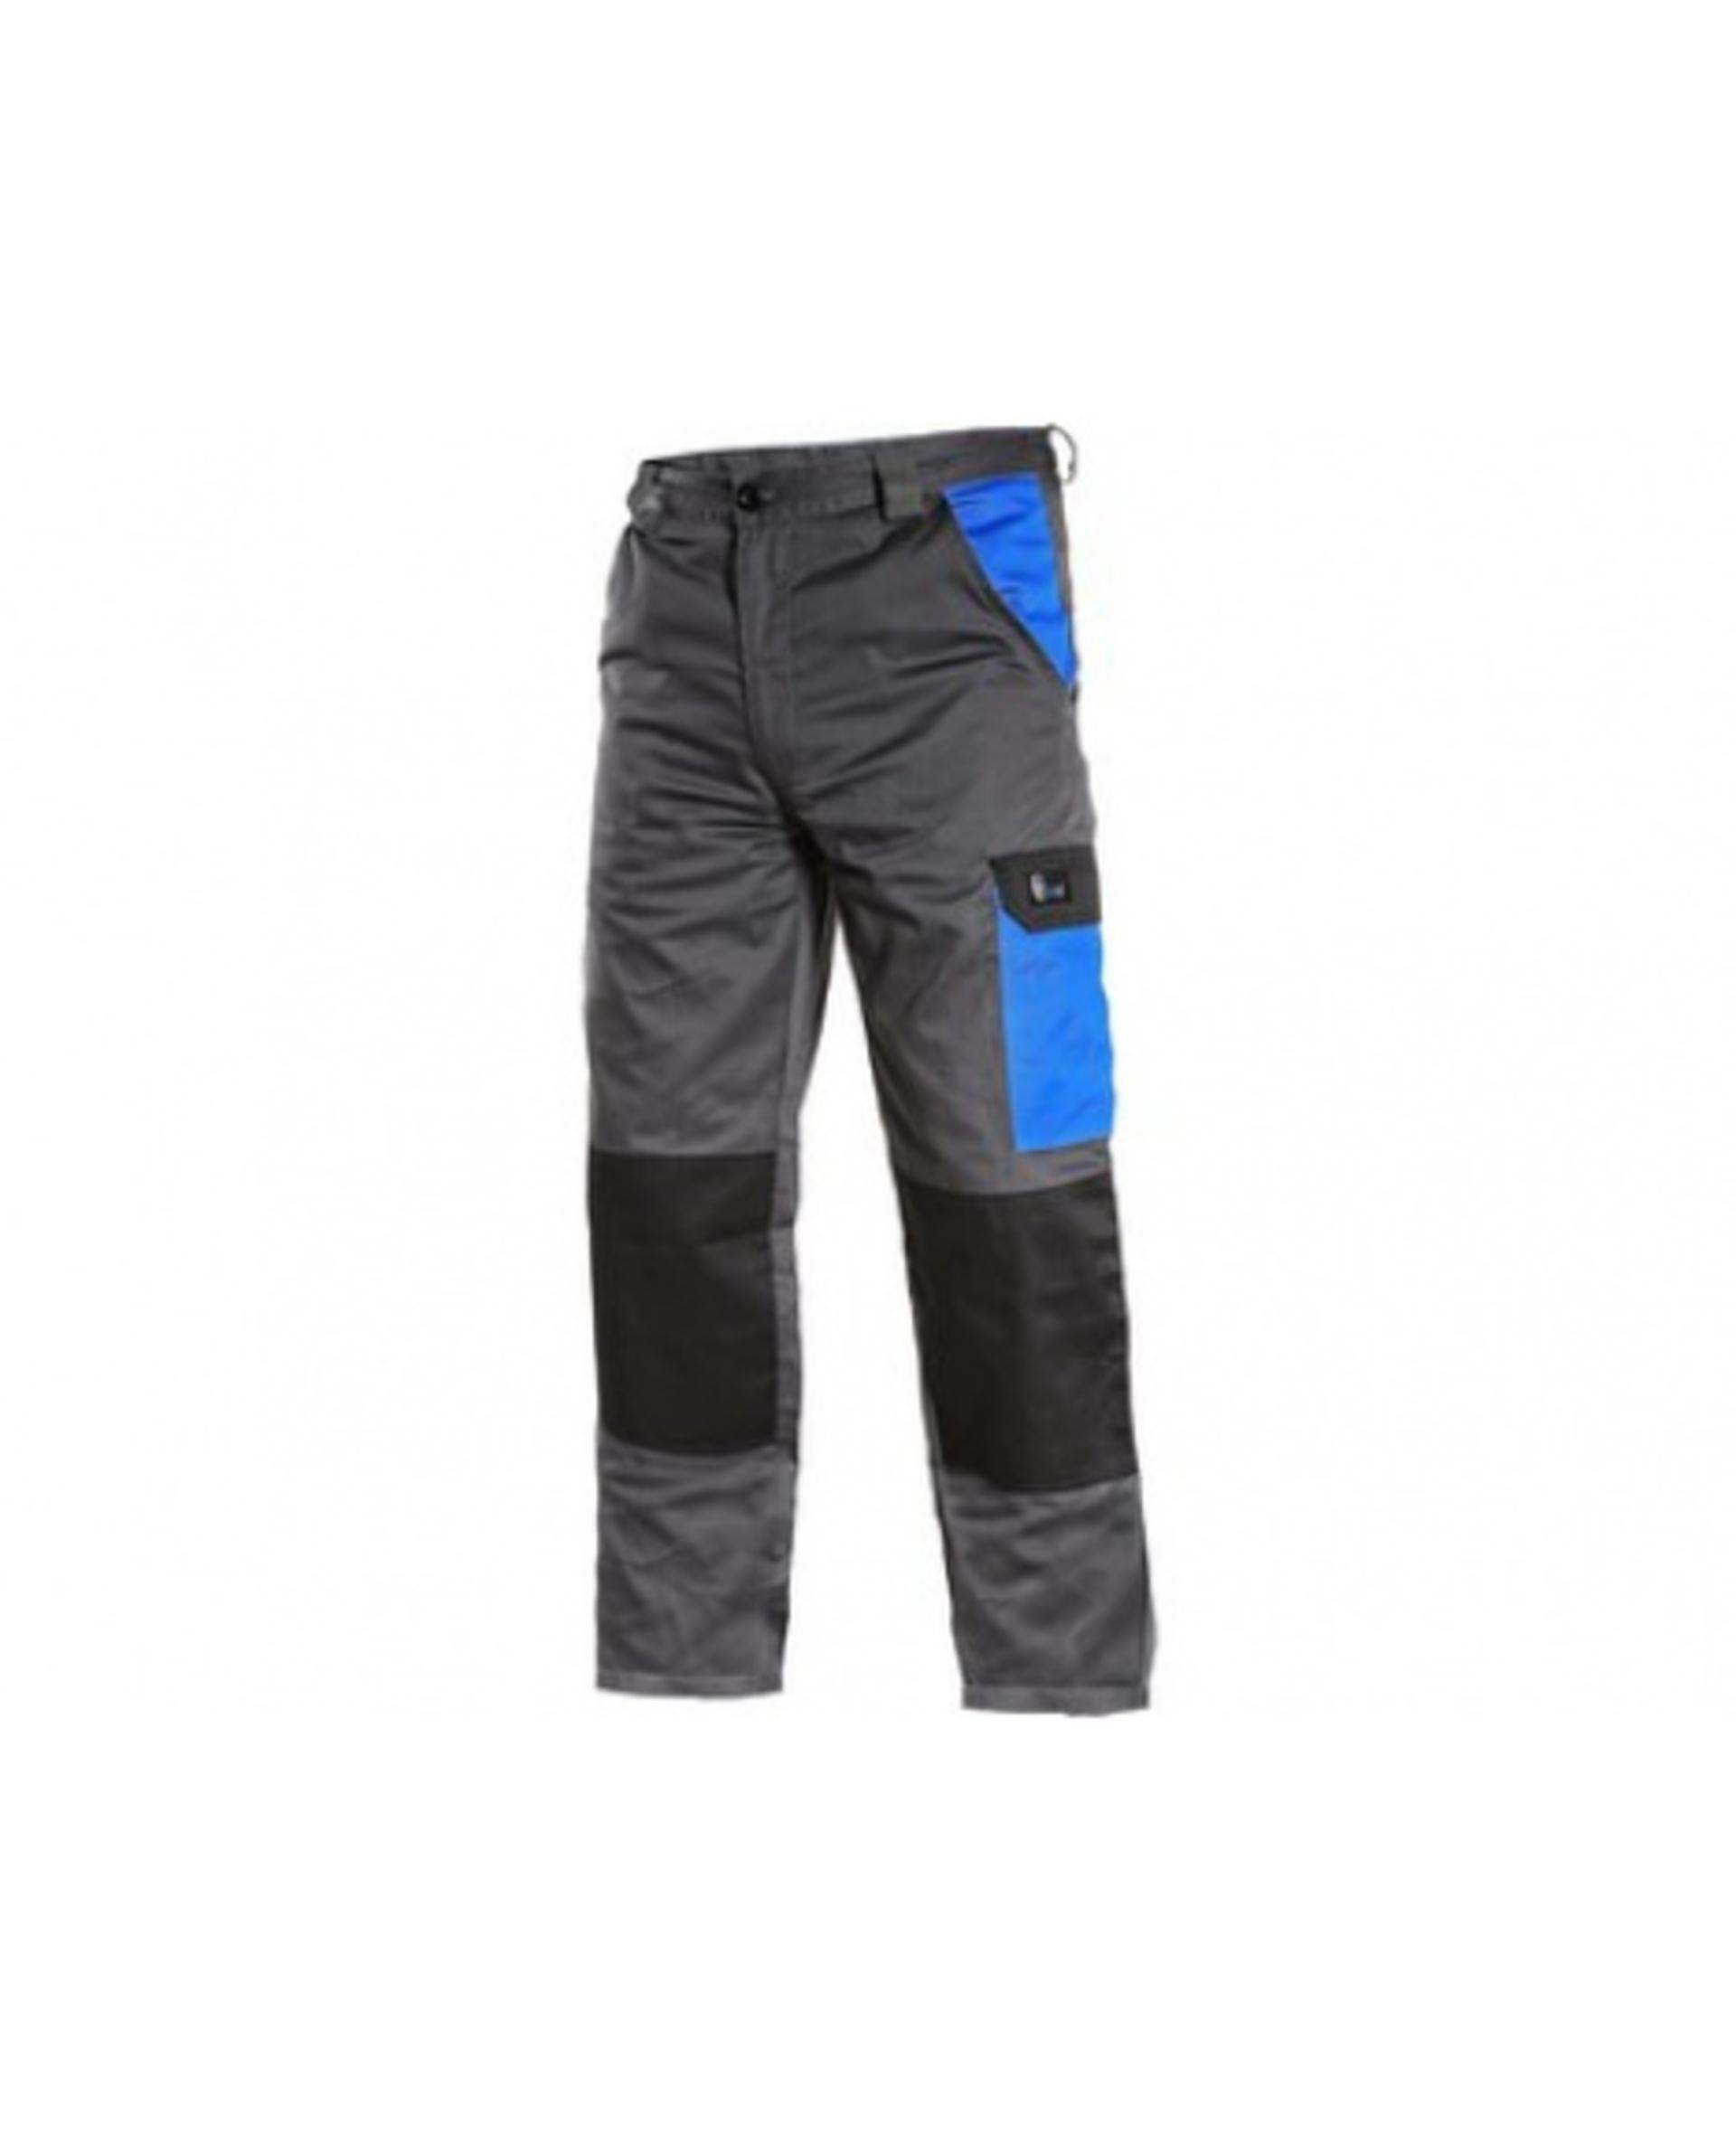 CXS PHOENIX CEFEUS pánské Kalhoty pracovní do pasu šedá/modrá 46